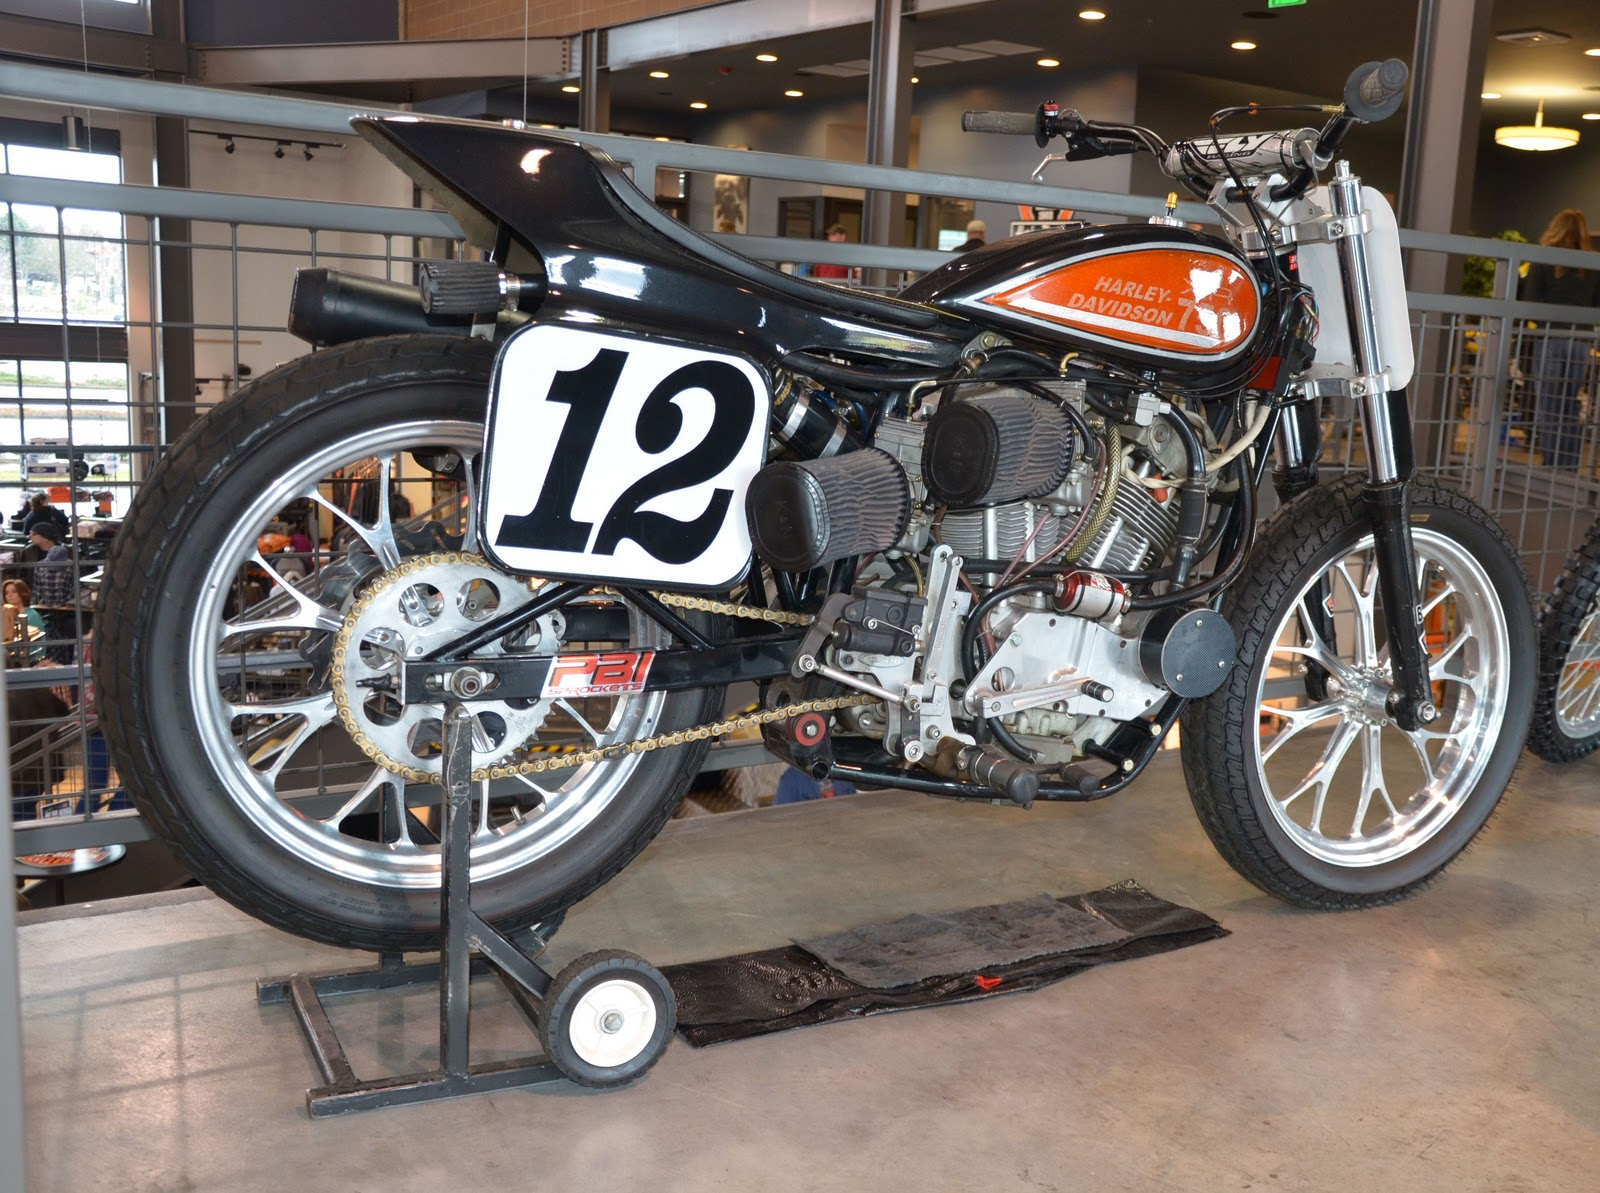 Flat Track Bikes For Sale uk Harley xr 750 Flat Track Bike